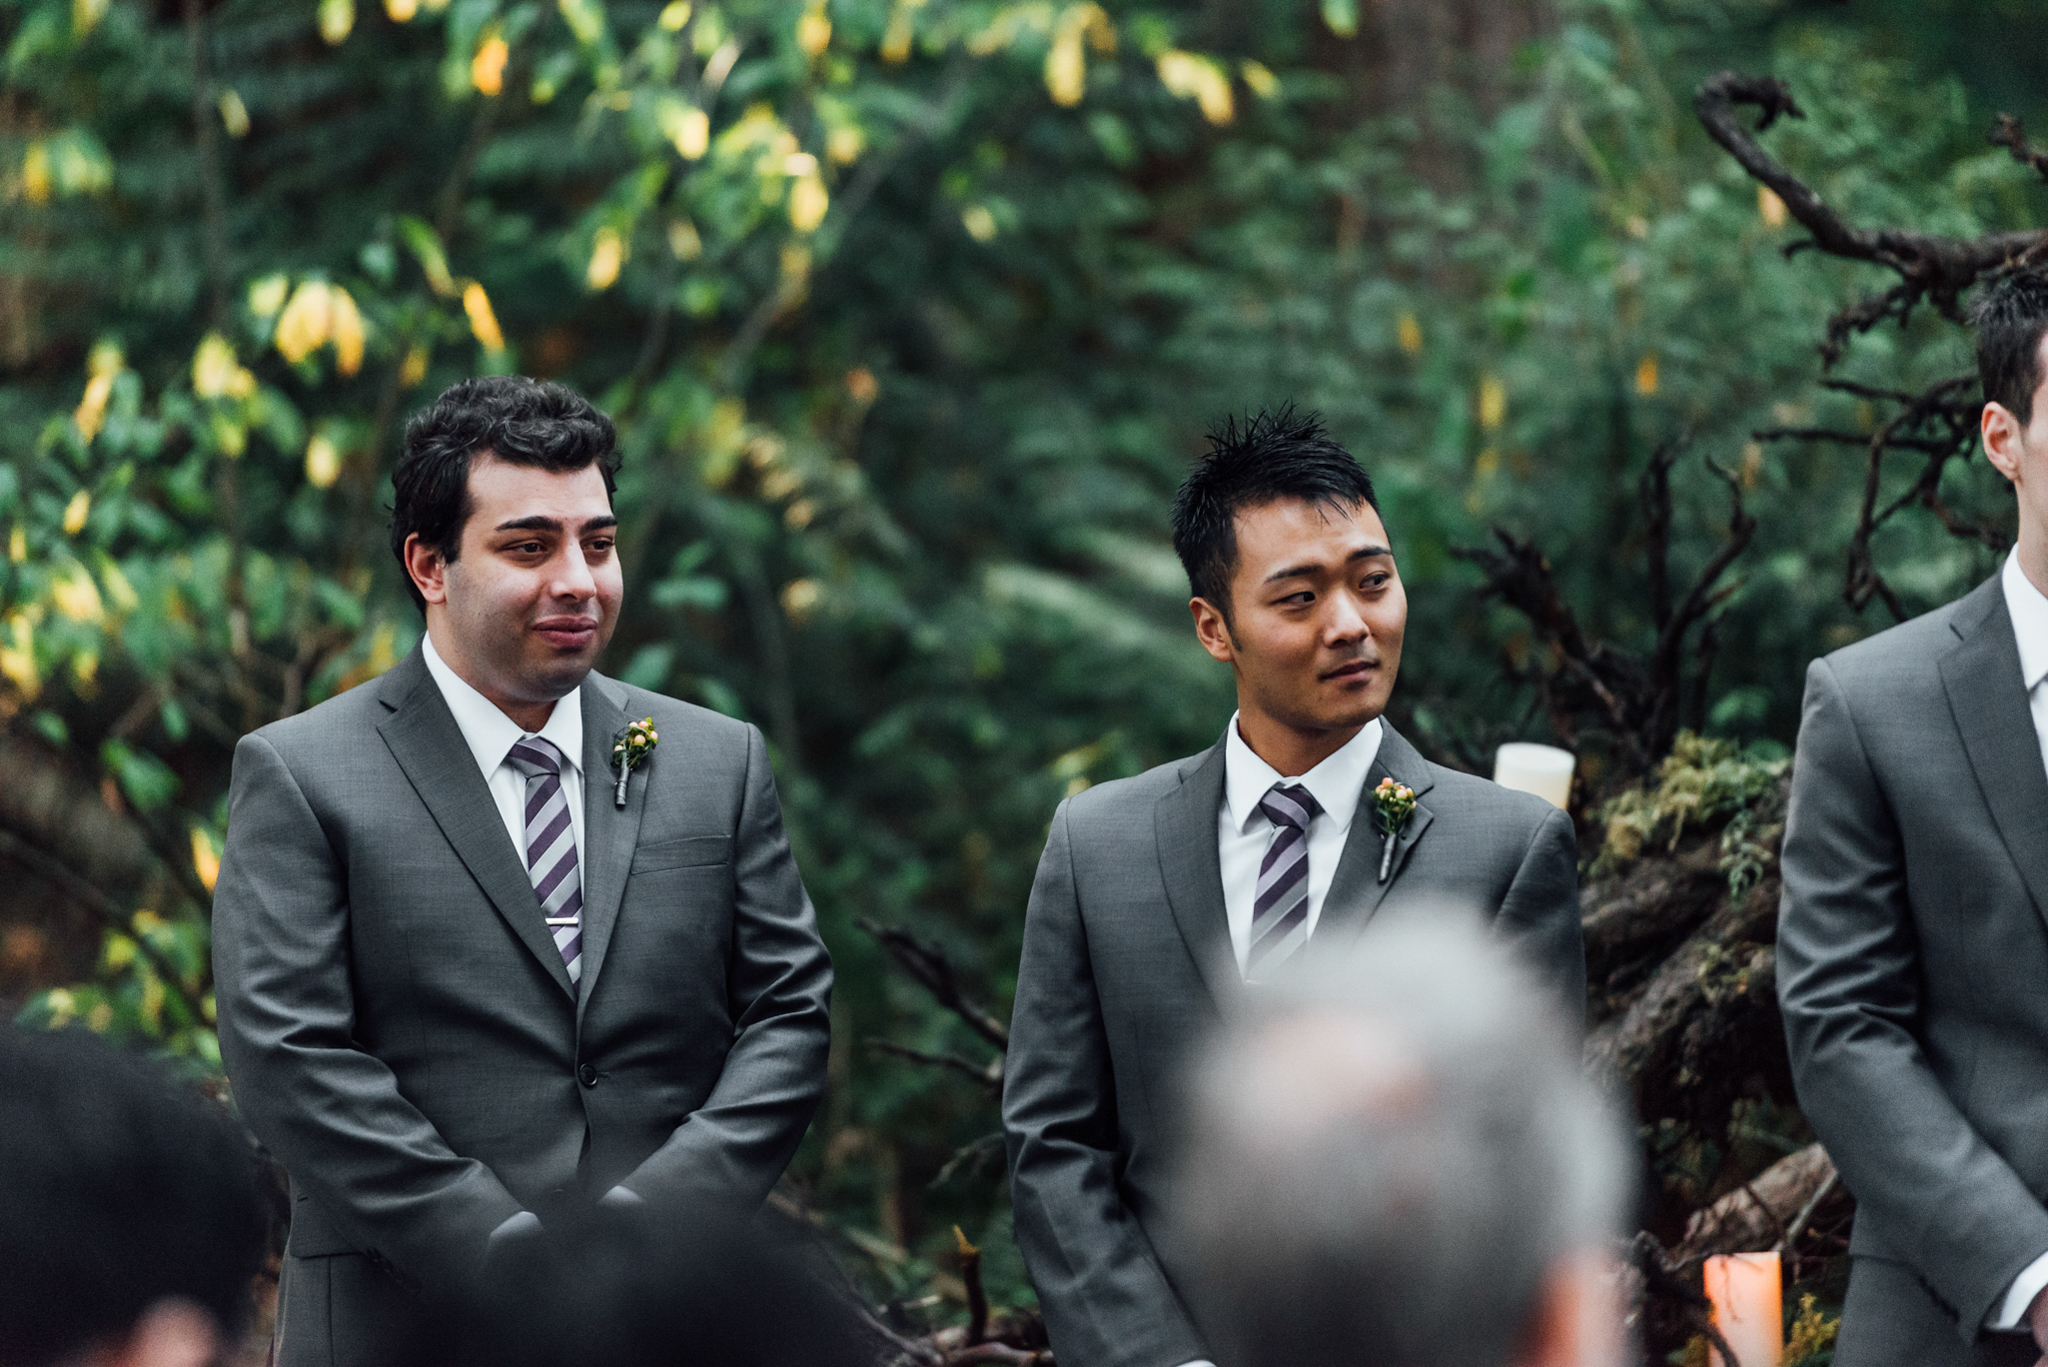 Nicola_Reiersen_Photography_Sea_Cider_Forest_Wedding (62).jpg